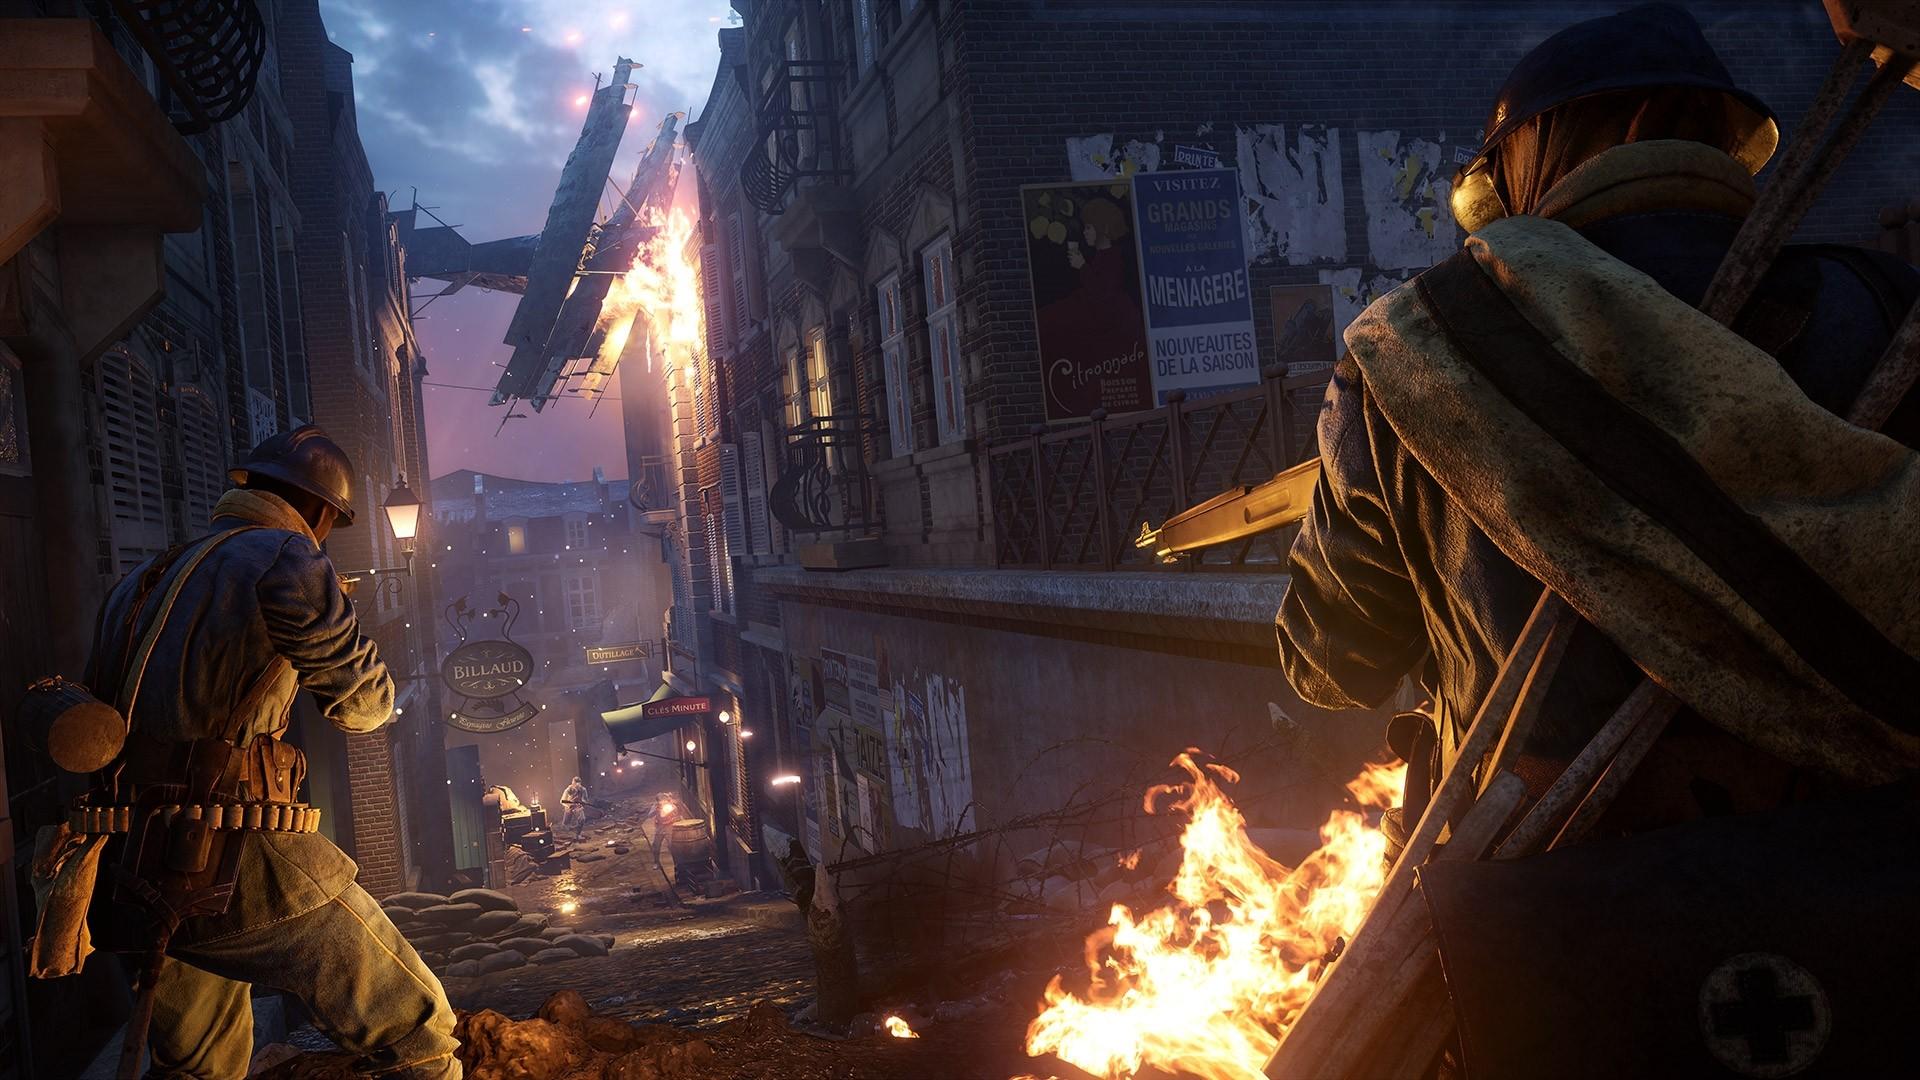 Battlefield 1 vertical wallpaper hd